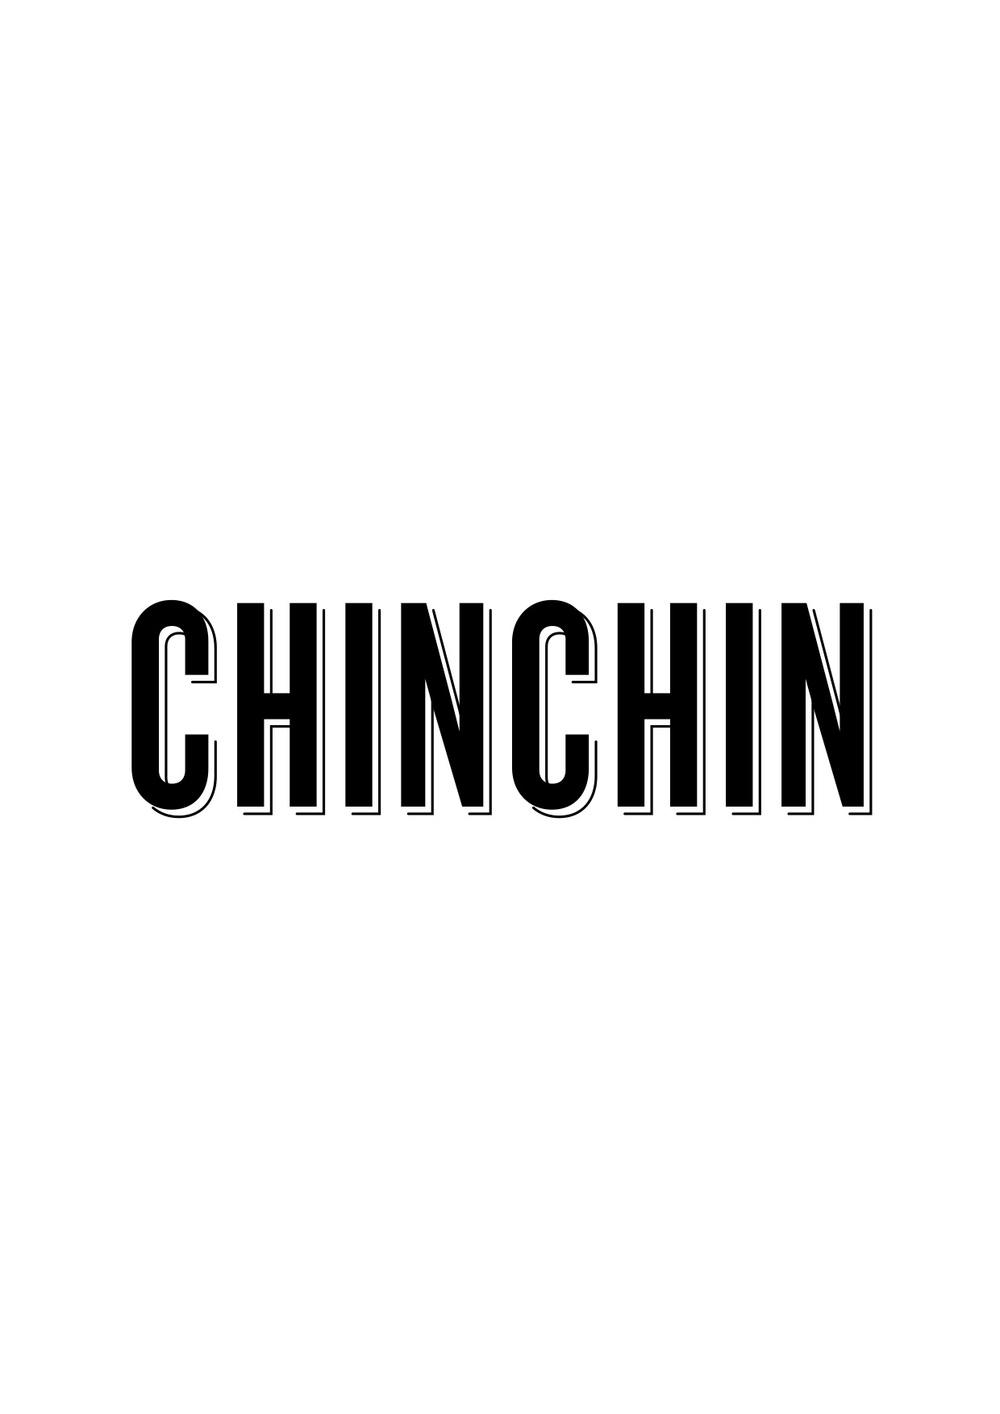 chinchin.jpg